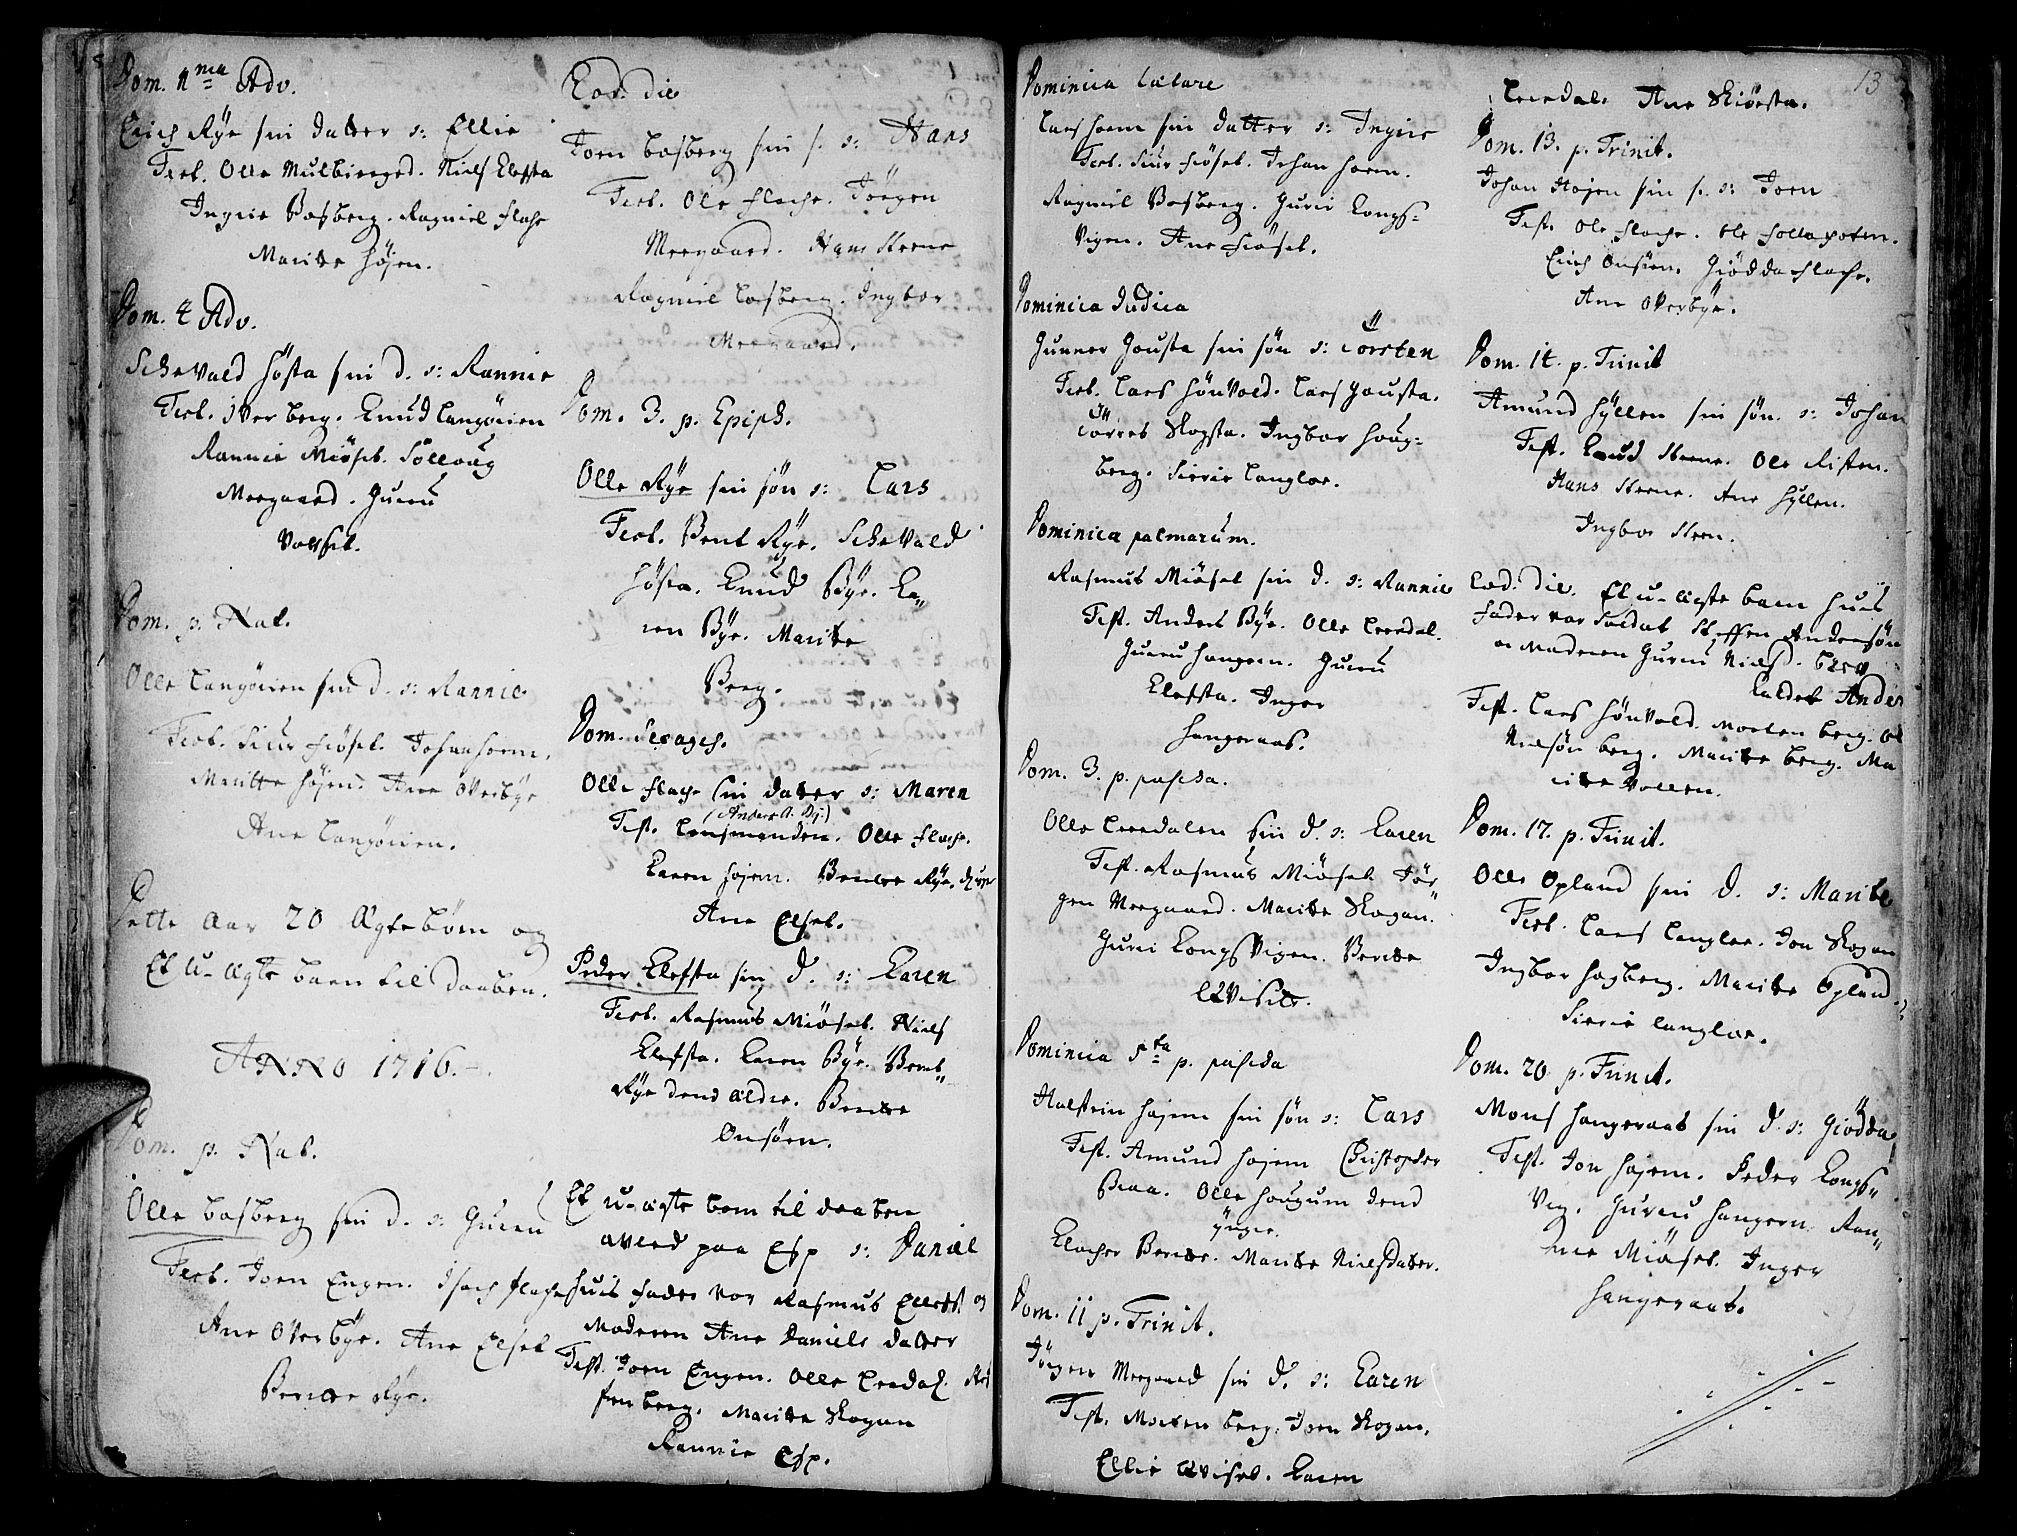 SAT, Ministerialprotokoller, klokkerbøker og fødselsregistre - Sør-Trøndelag, 612/L0368: Ministerialbok nr. 612A02, 1702-1753, s. 13